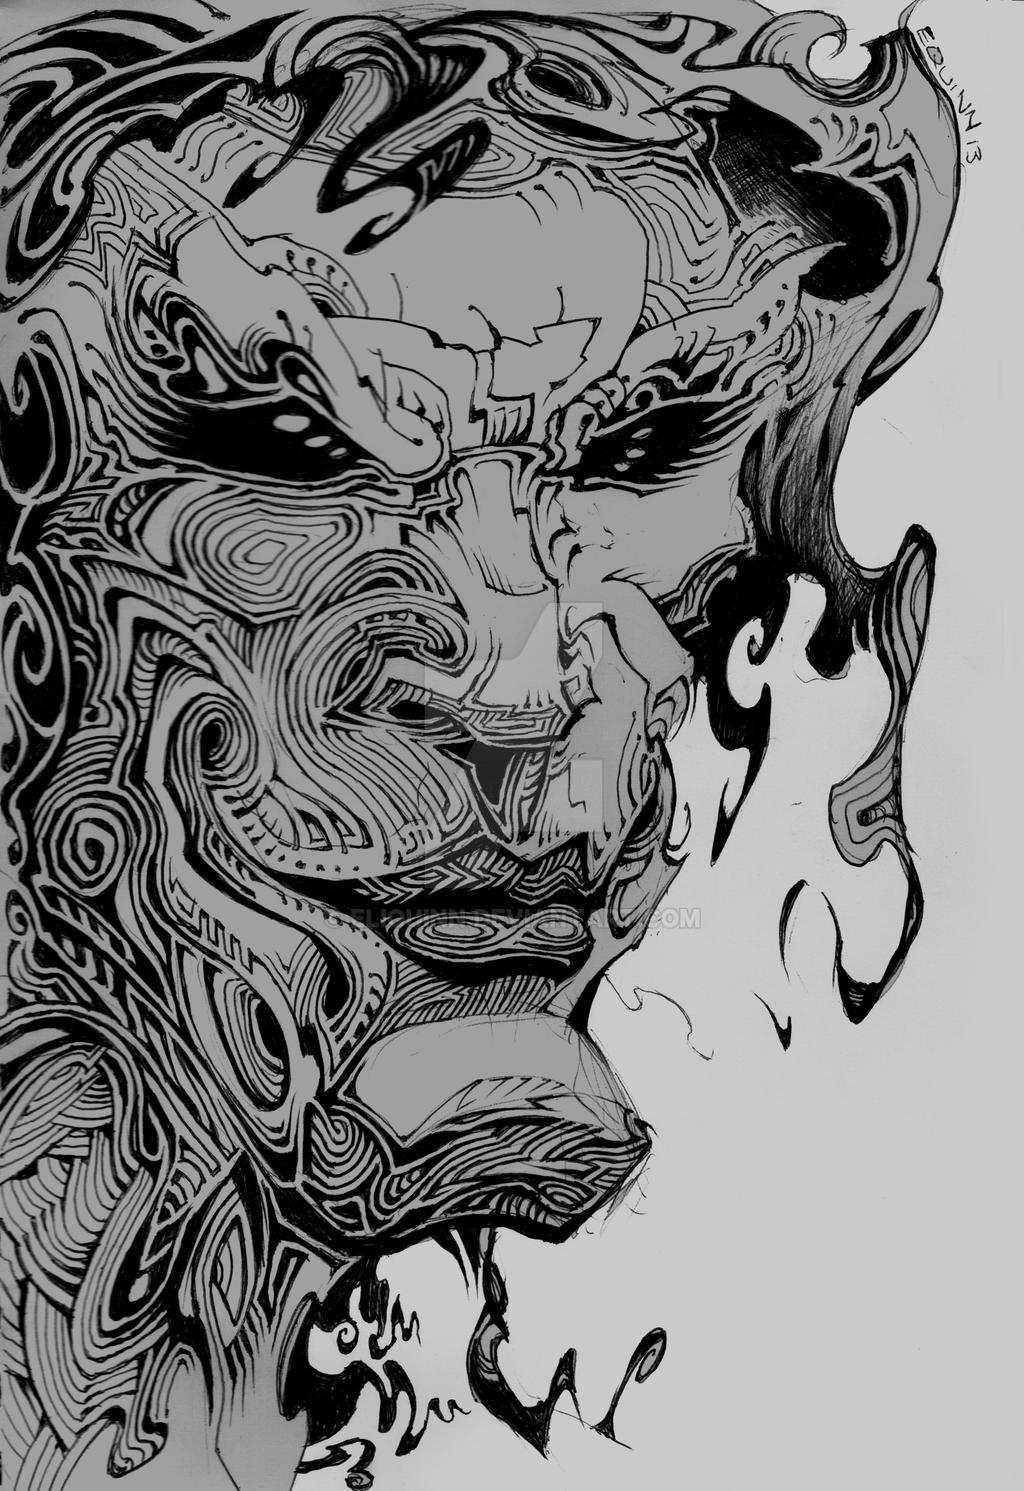 The Joker Line Art : Joker line art by eliquinn on deviantart